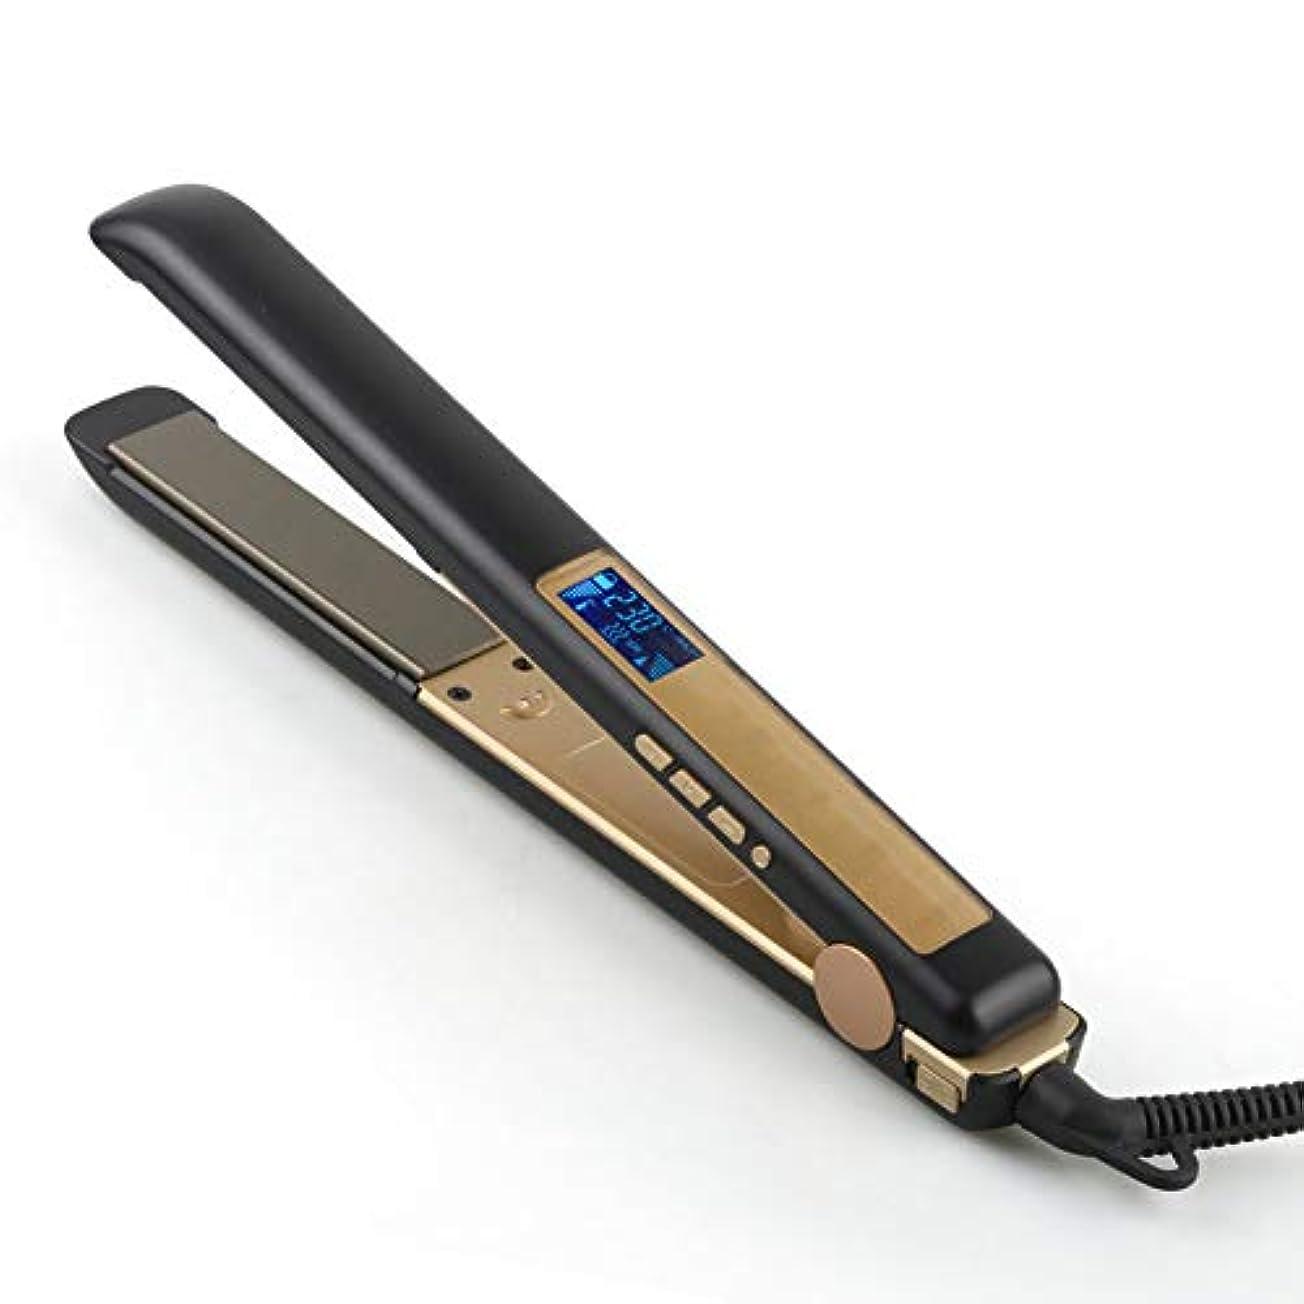 復活する市民限られたデジタルディスプレイセラミックヘアストレートナー温度はLEDディスプレイで調整可能ヘアケアは赤黒ピンクスプリントをスタイリングするショッピングデートの髪を傷つけません (Color : ブラック)